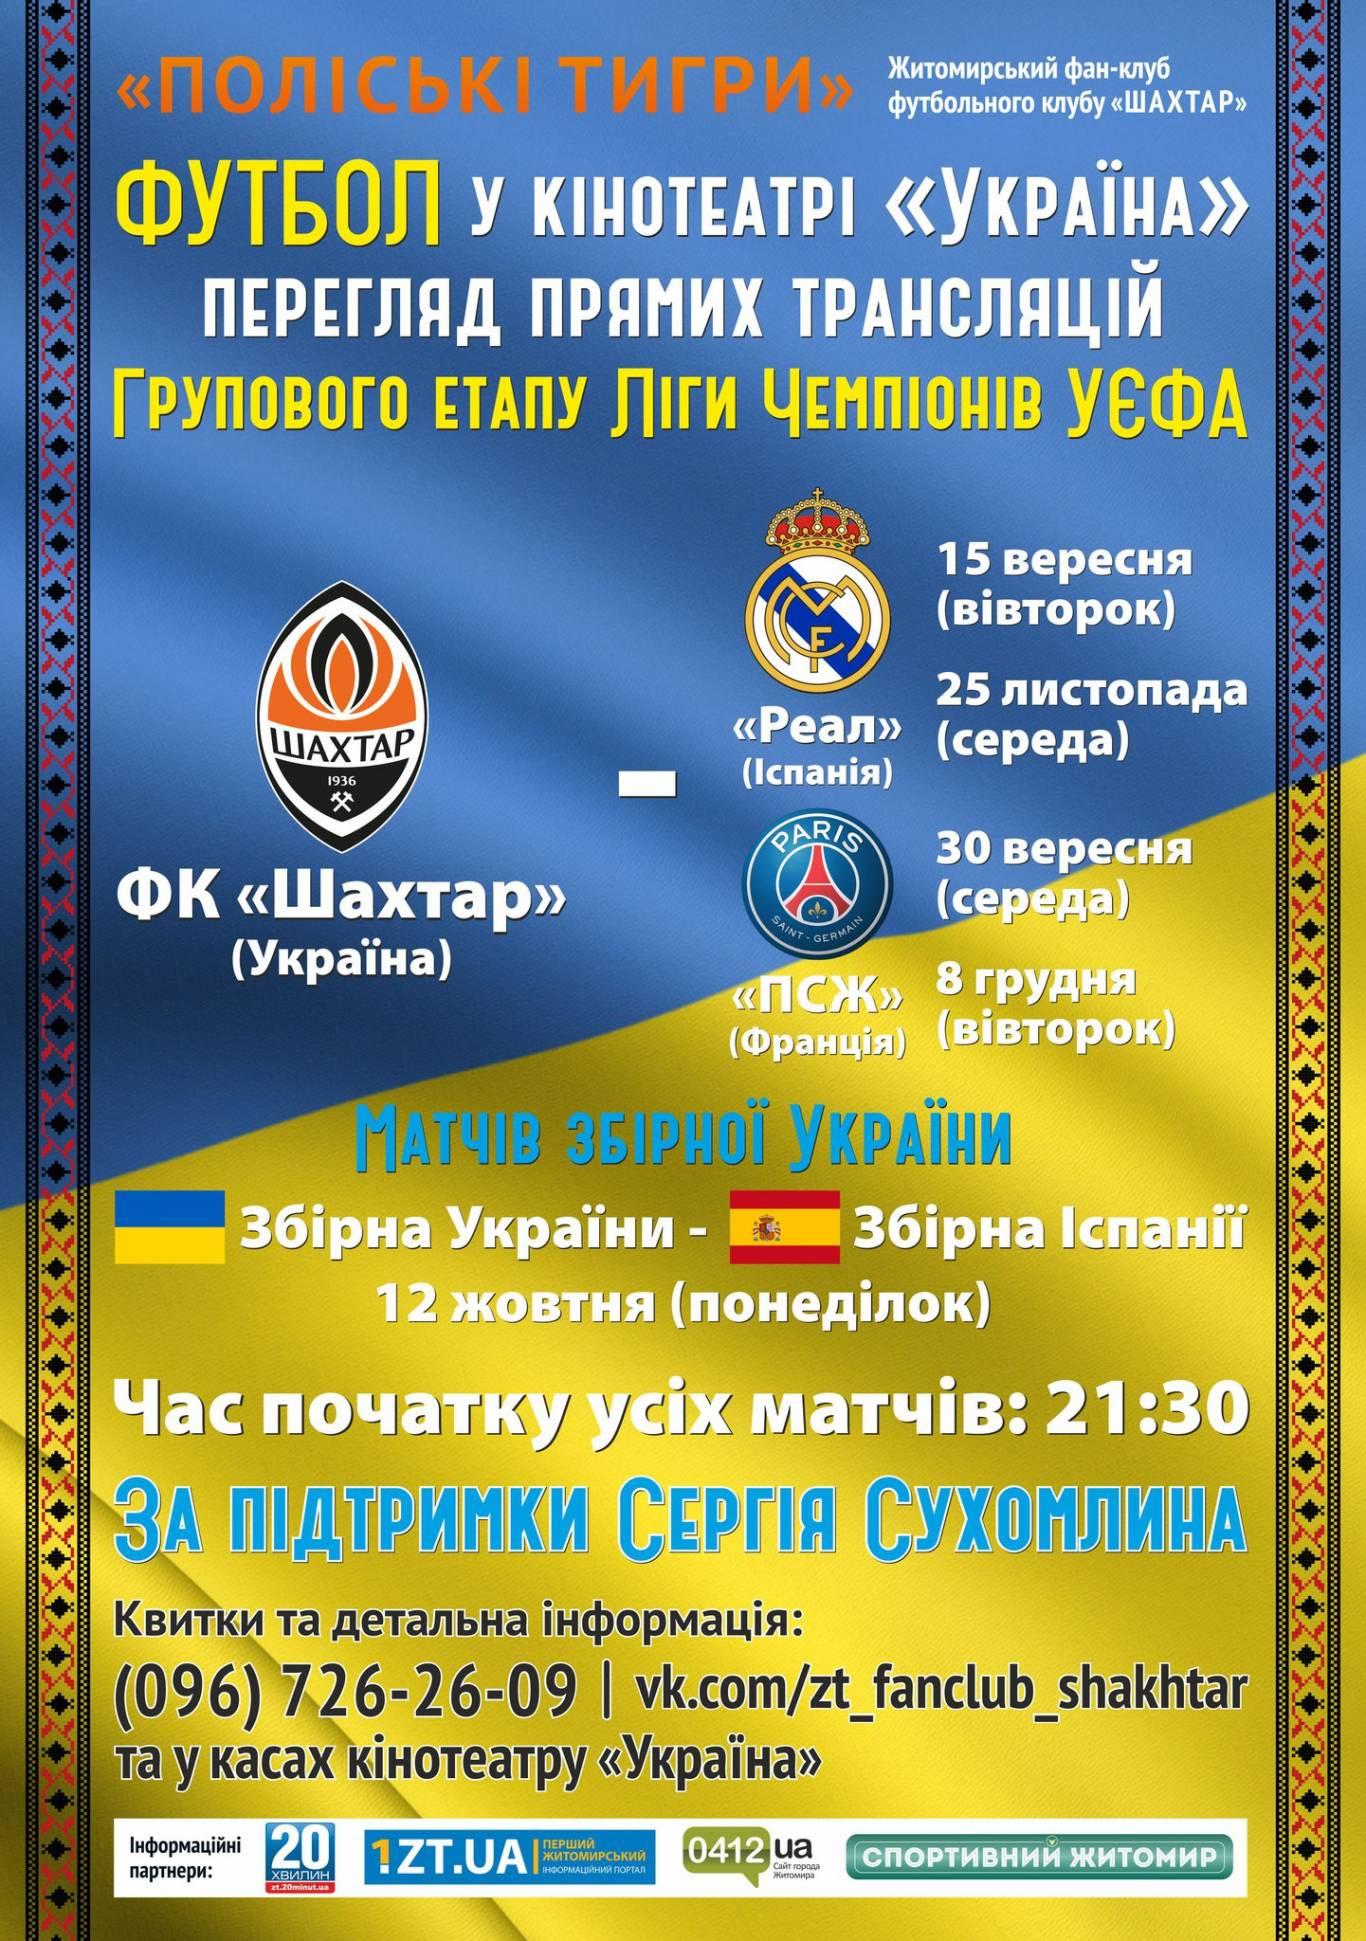 """Футбол  в кінотеатрі  """"Україна"""""""